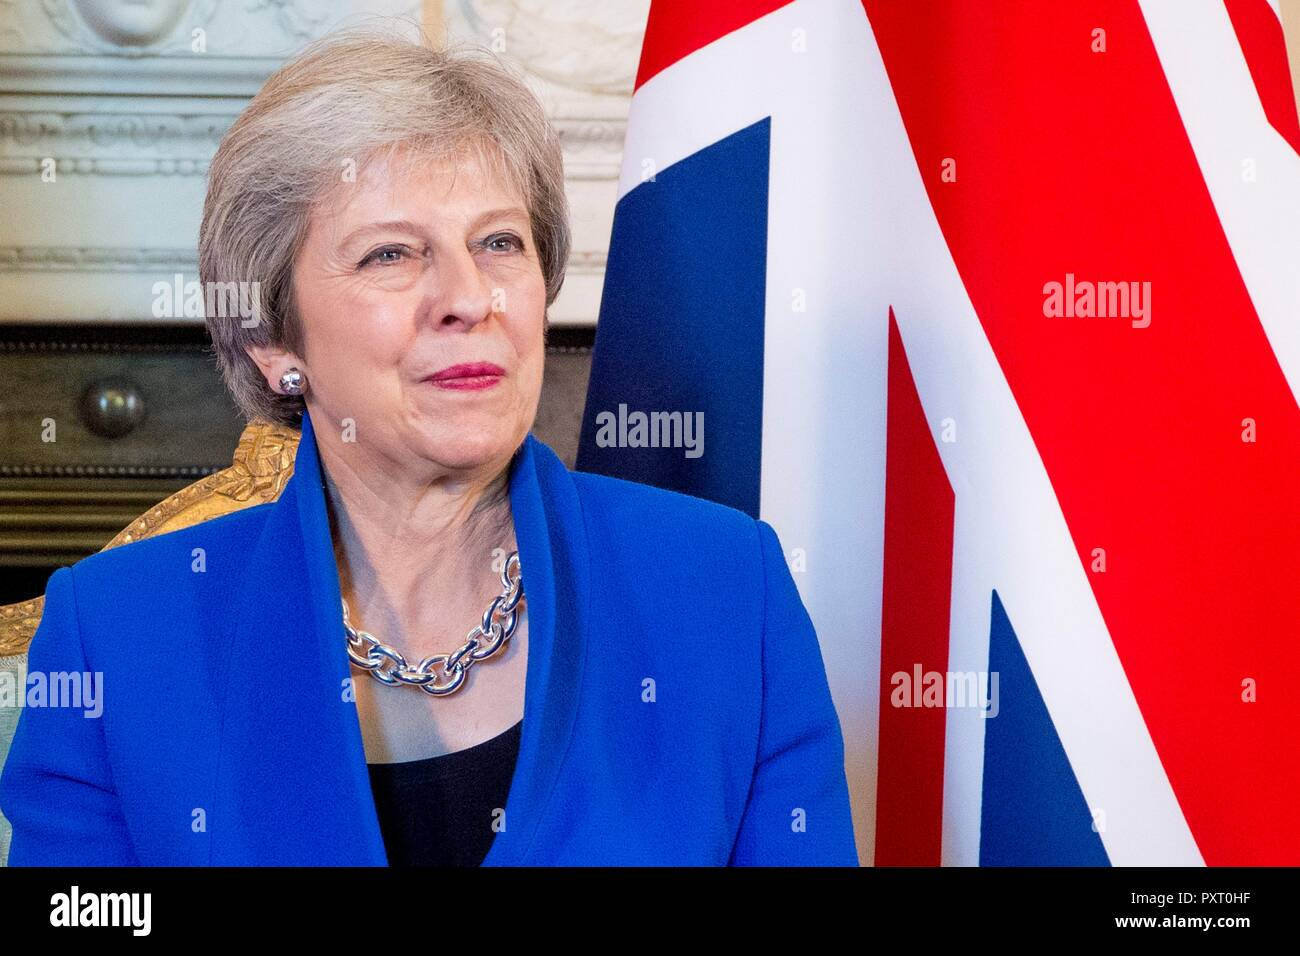 Premierminister datiert ep 6 reap